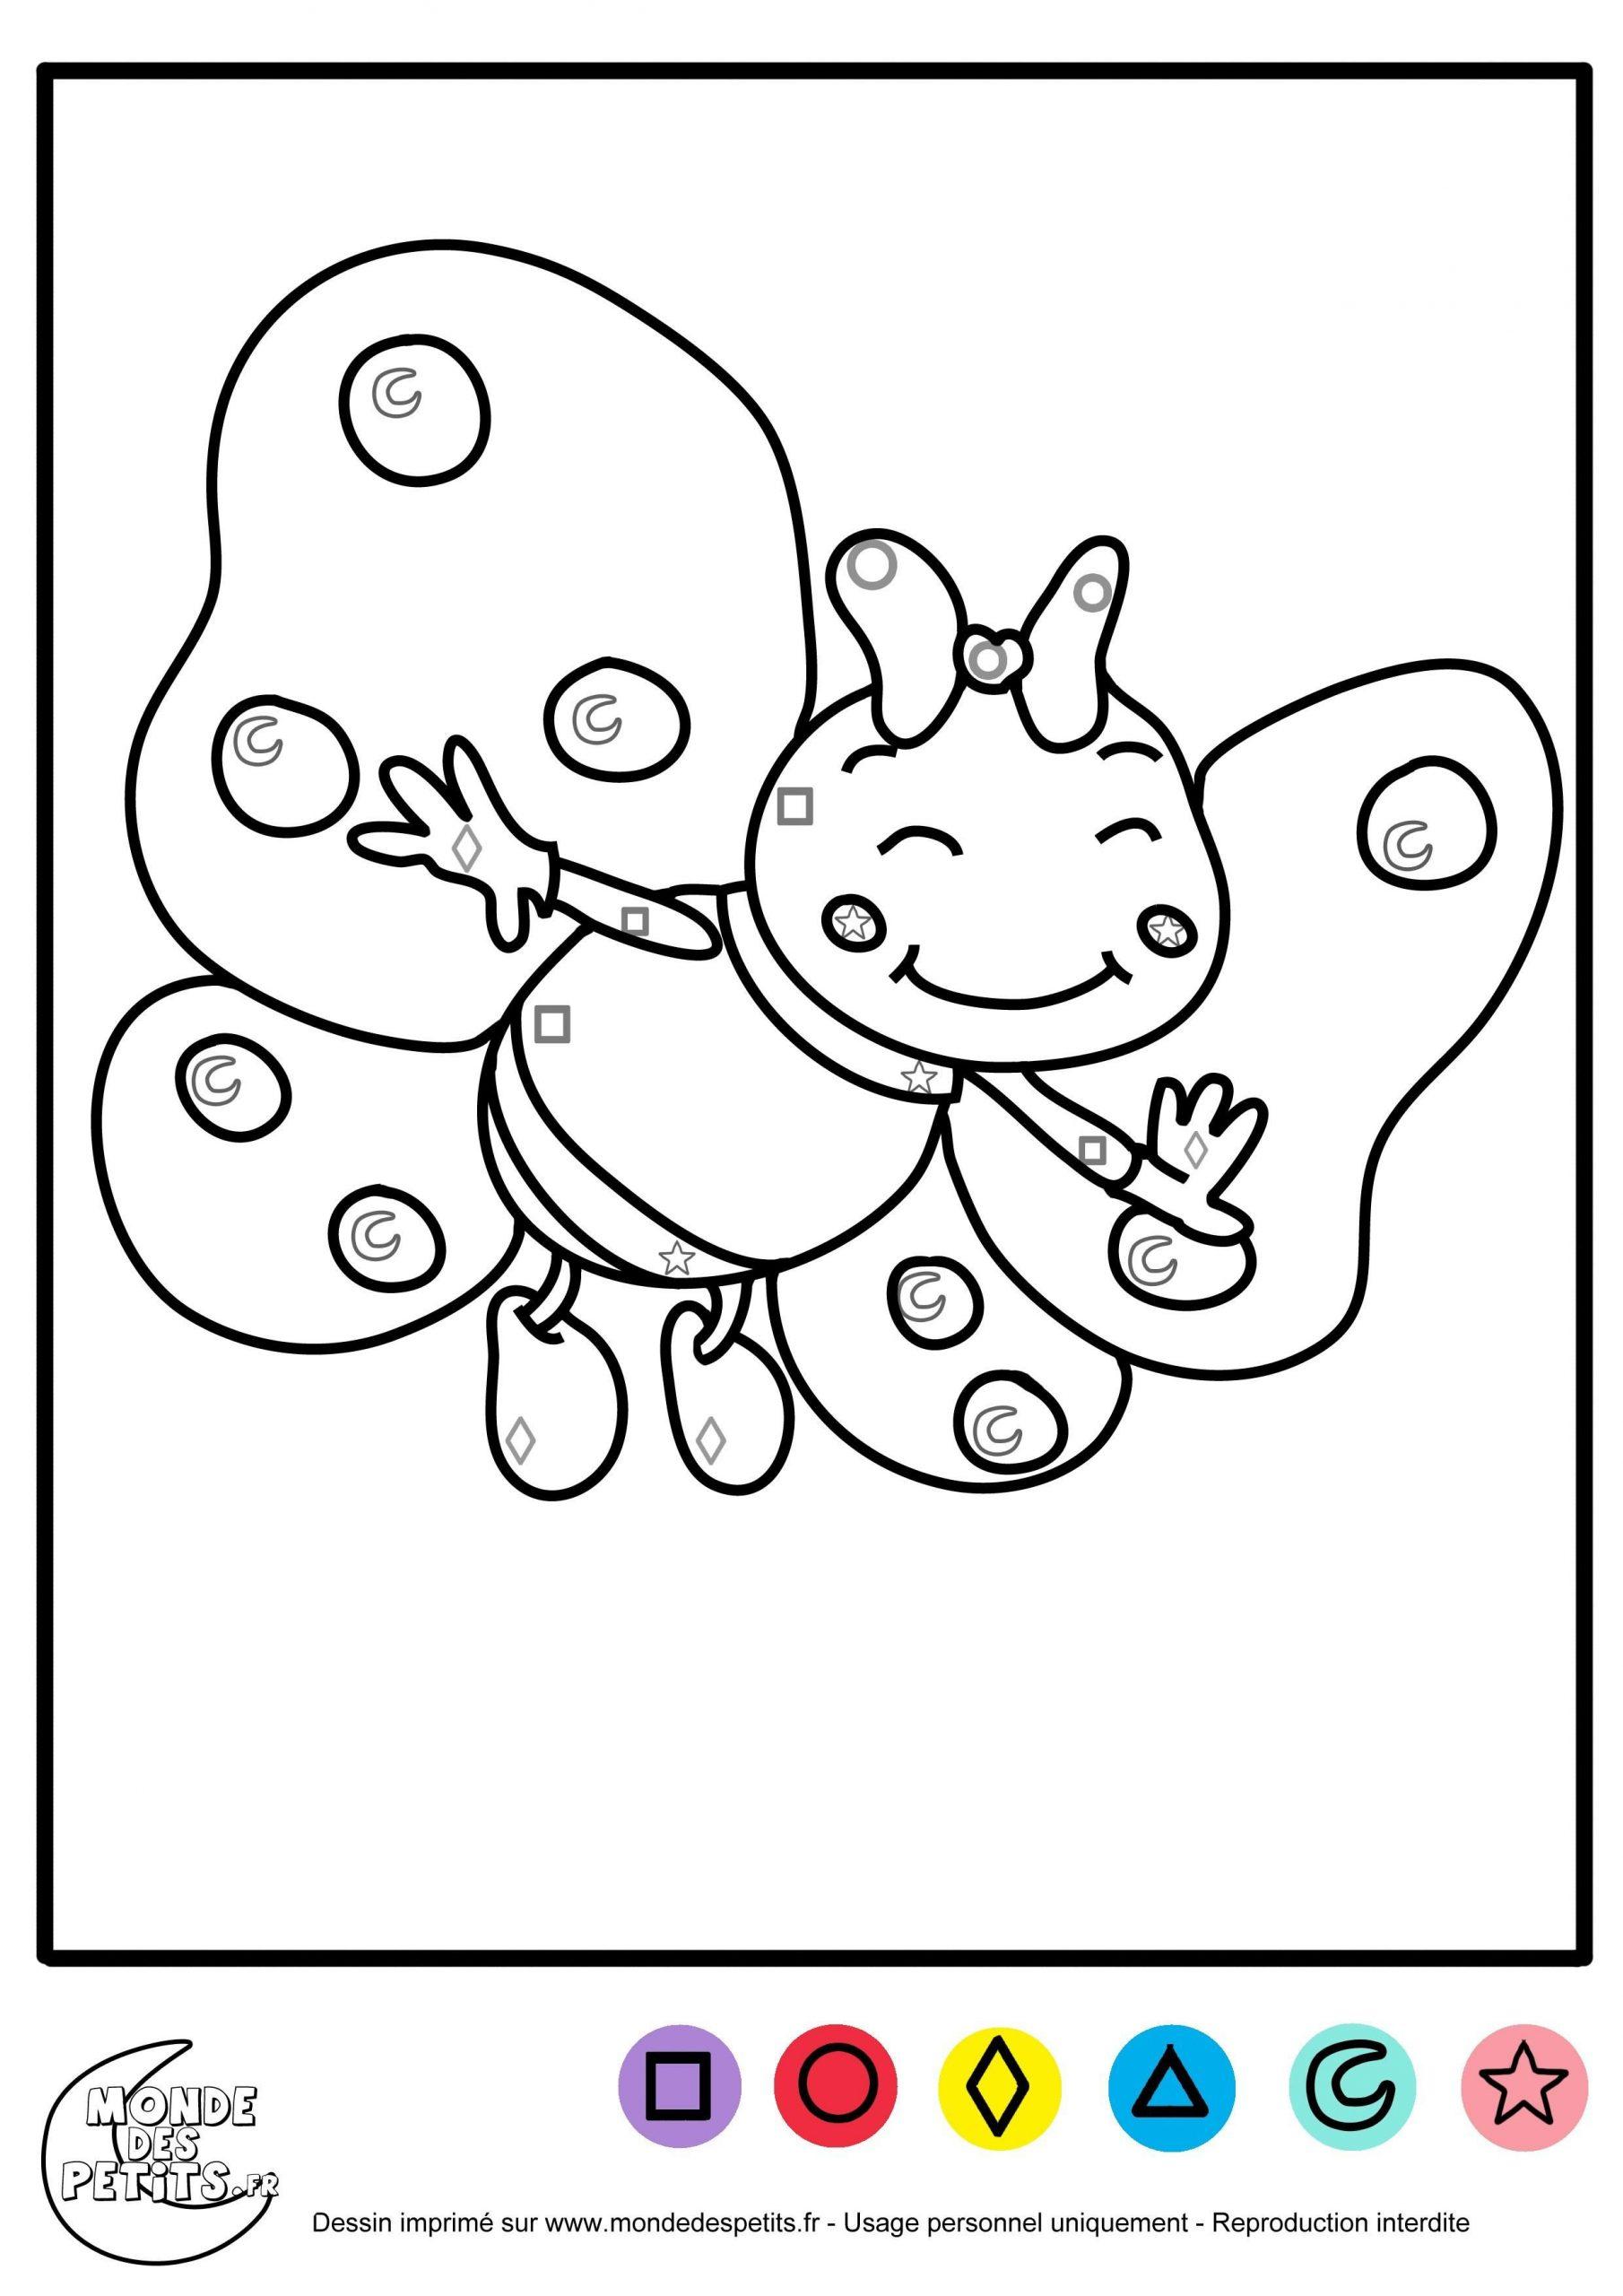 Coloriage Maternelle En Ligne Unique Coloriage Kaeloo En avec Coloriage Magique Maternelle A Imprimer Gratuit